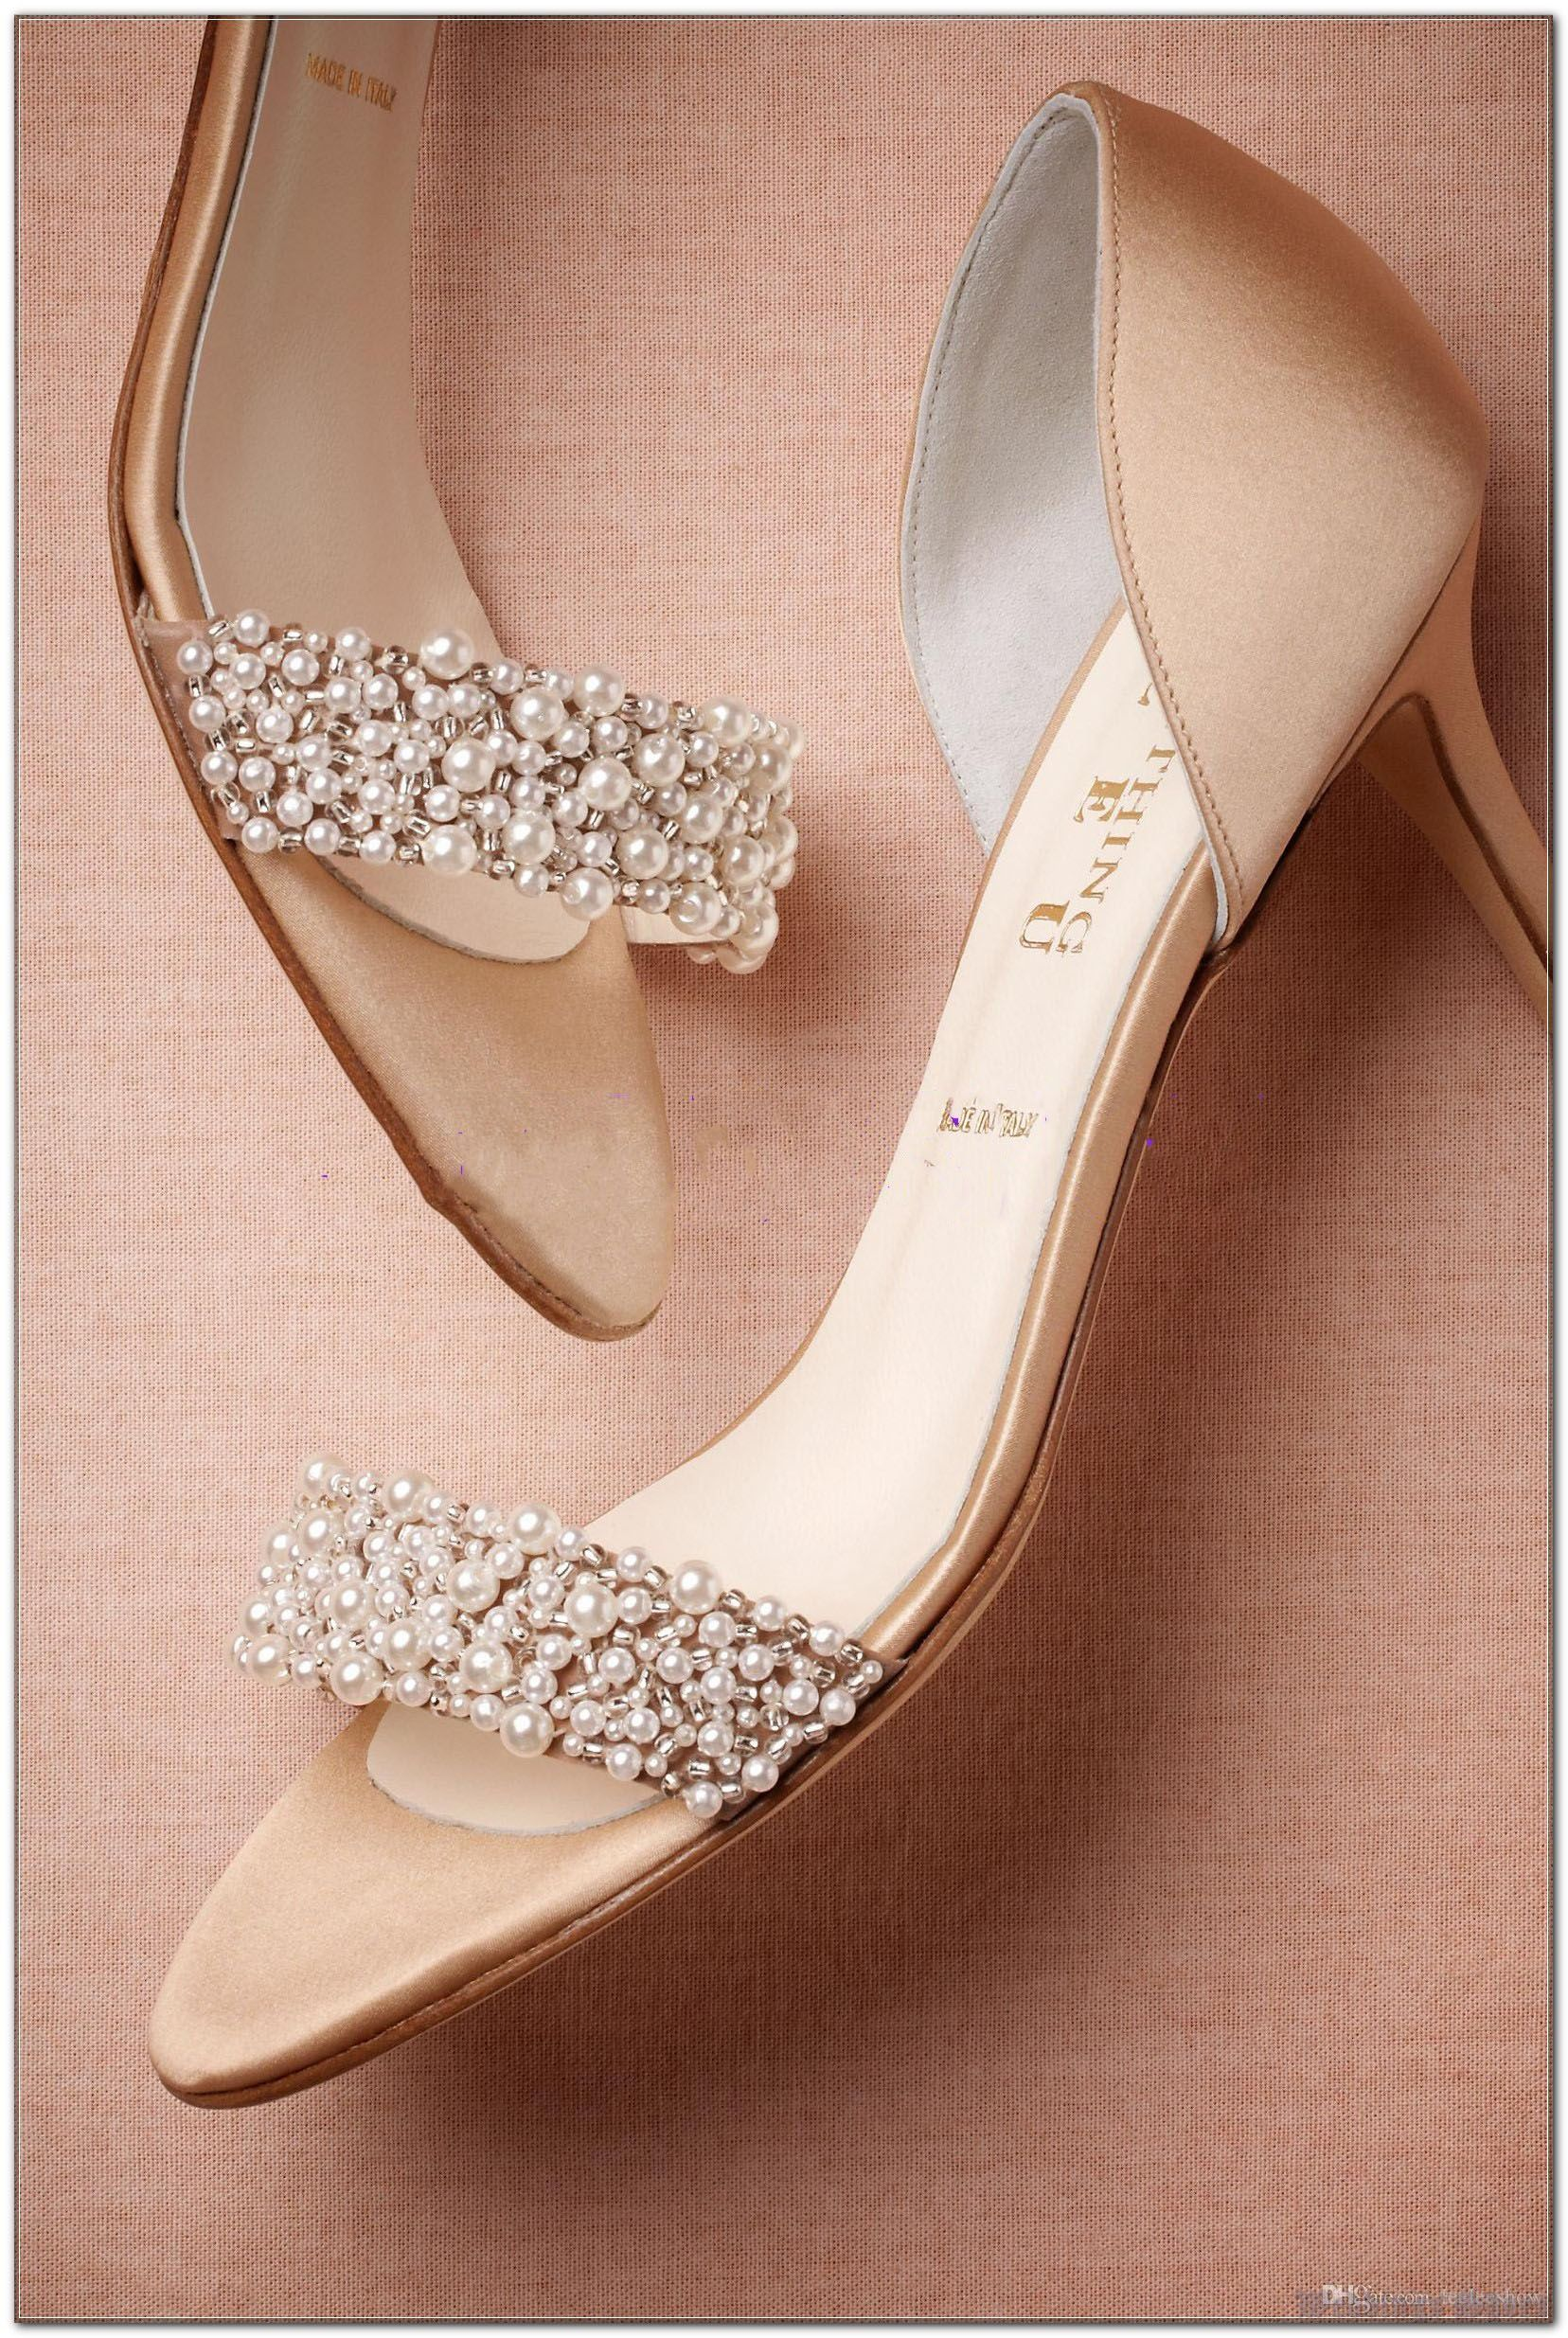 Guaranteed No Stress Wedding Shoes